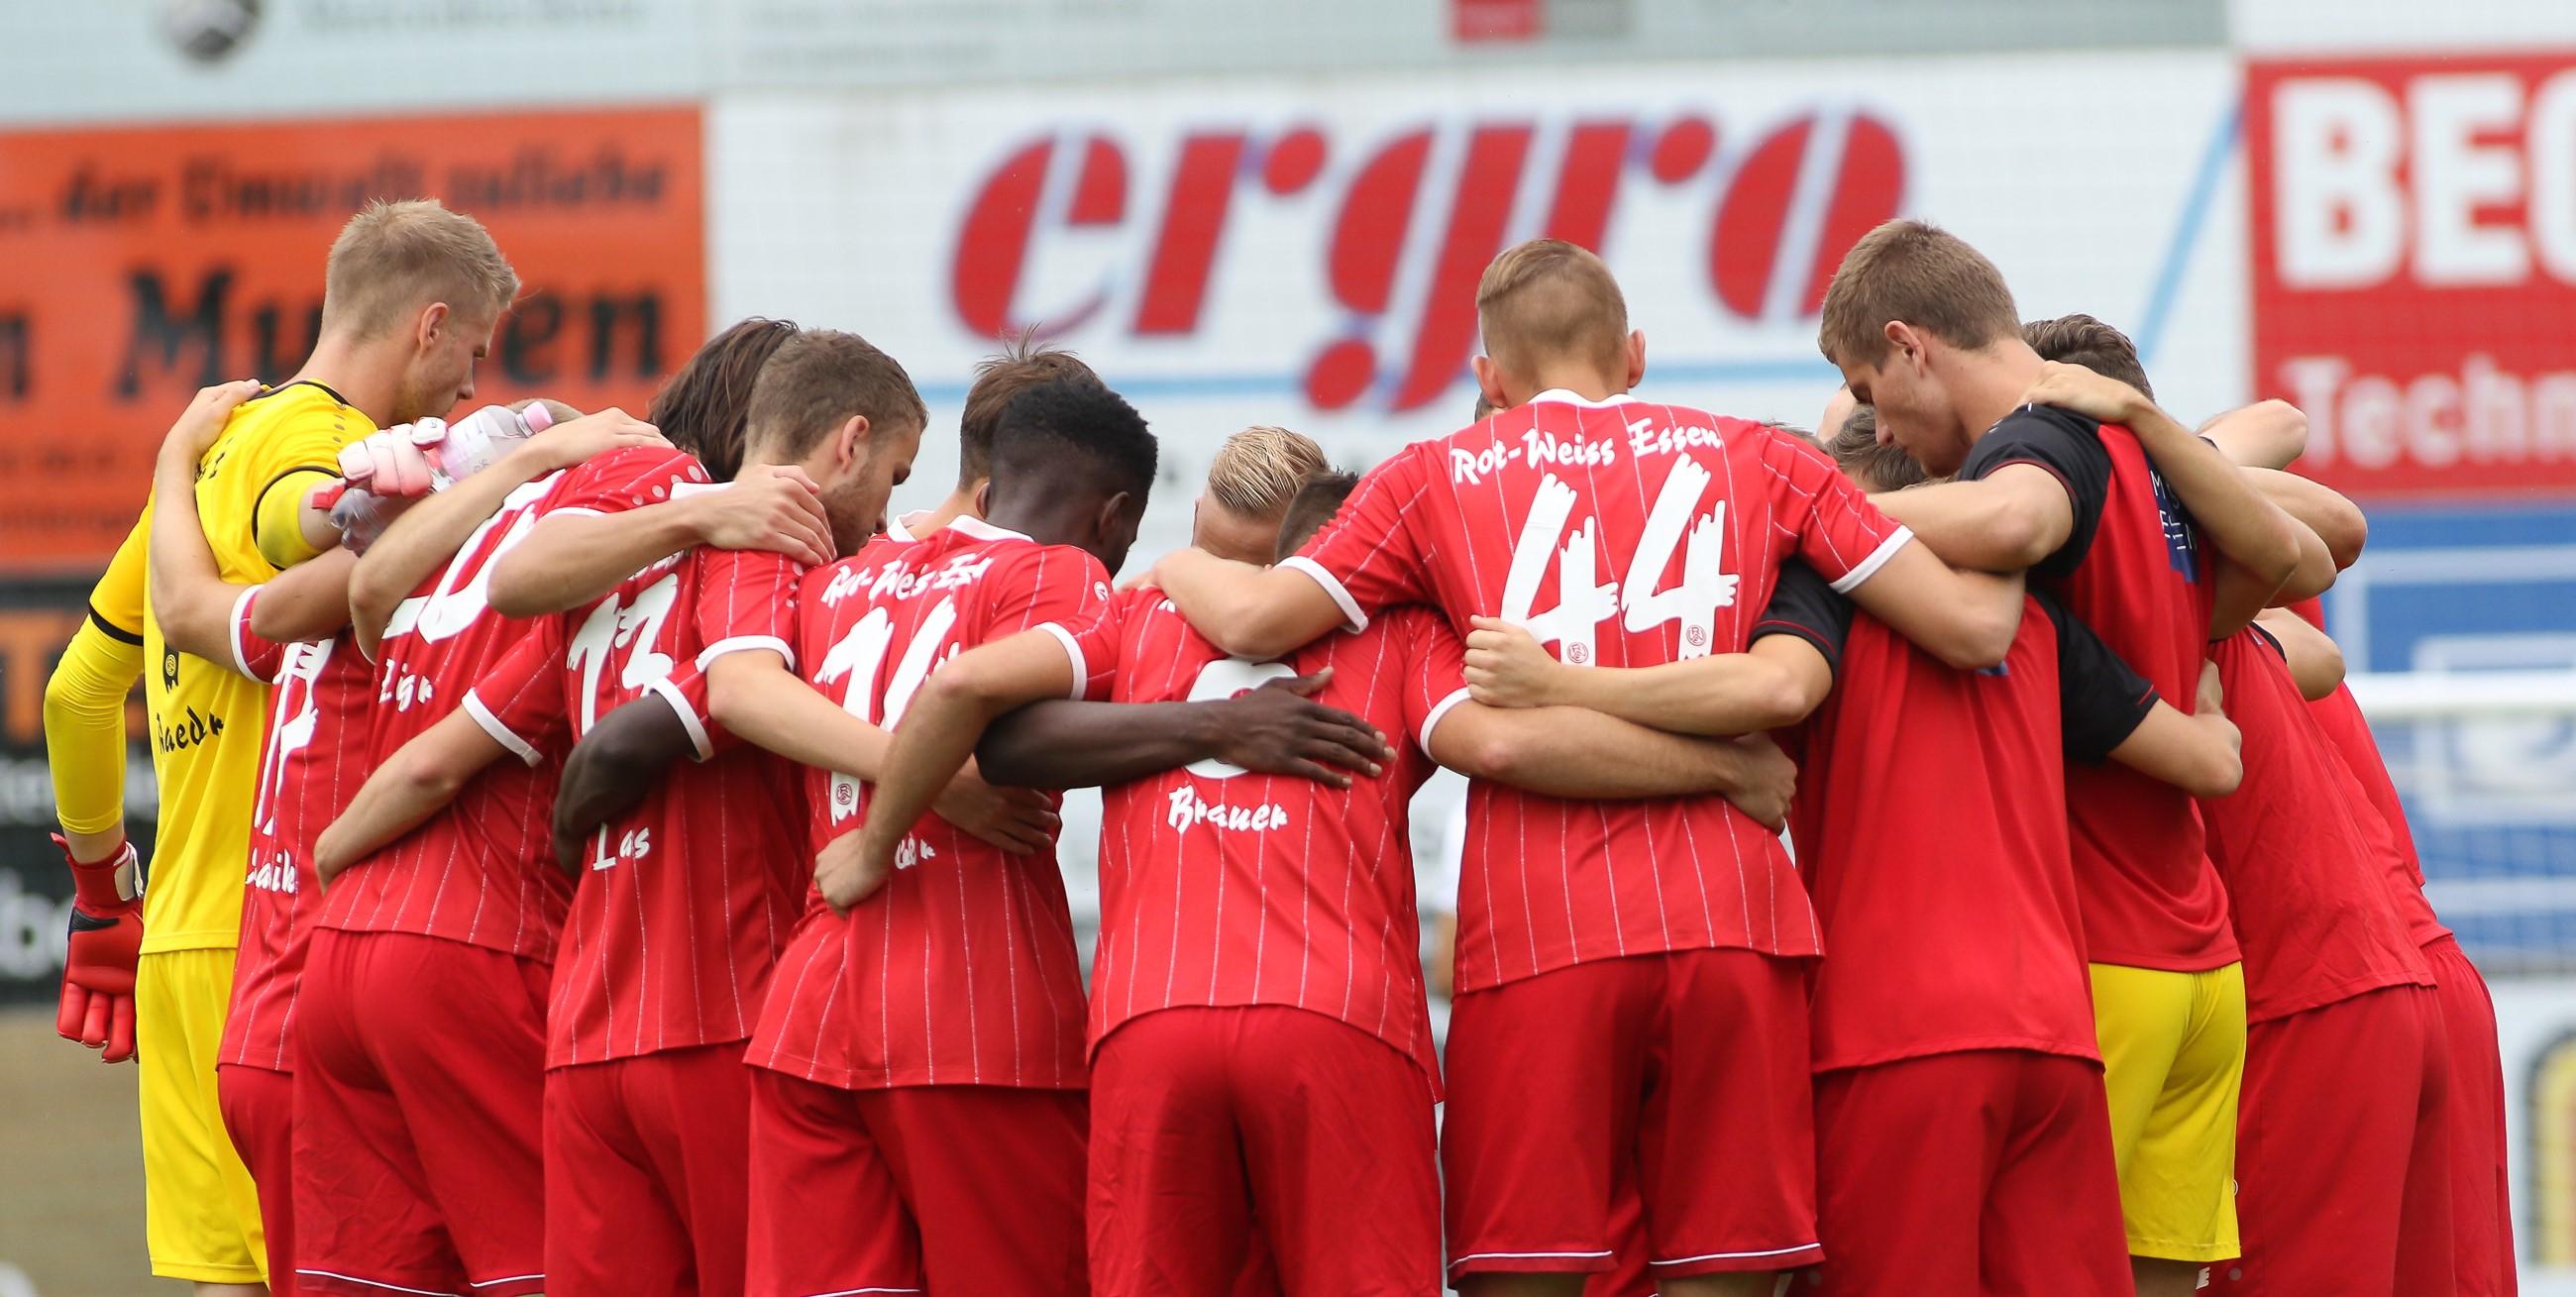 Durch den 2:0-Sieg ziehen die Rot-Weissen in die nächste Runde des Niederrheinpokals ein. (Foto: Endberg)